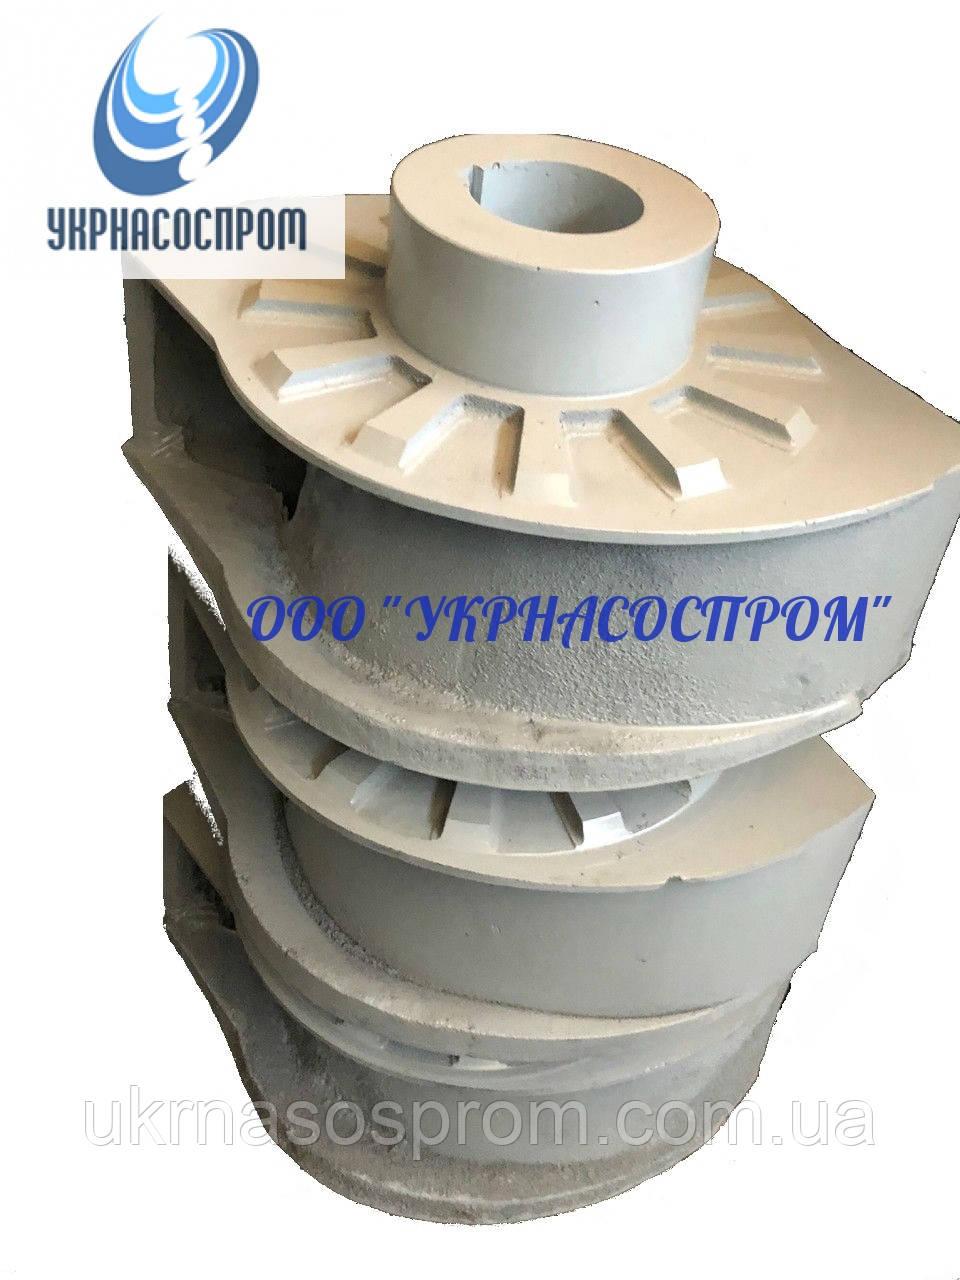 Рабочее колесо насоса КФС 100-40